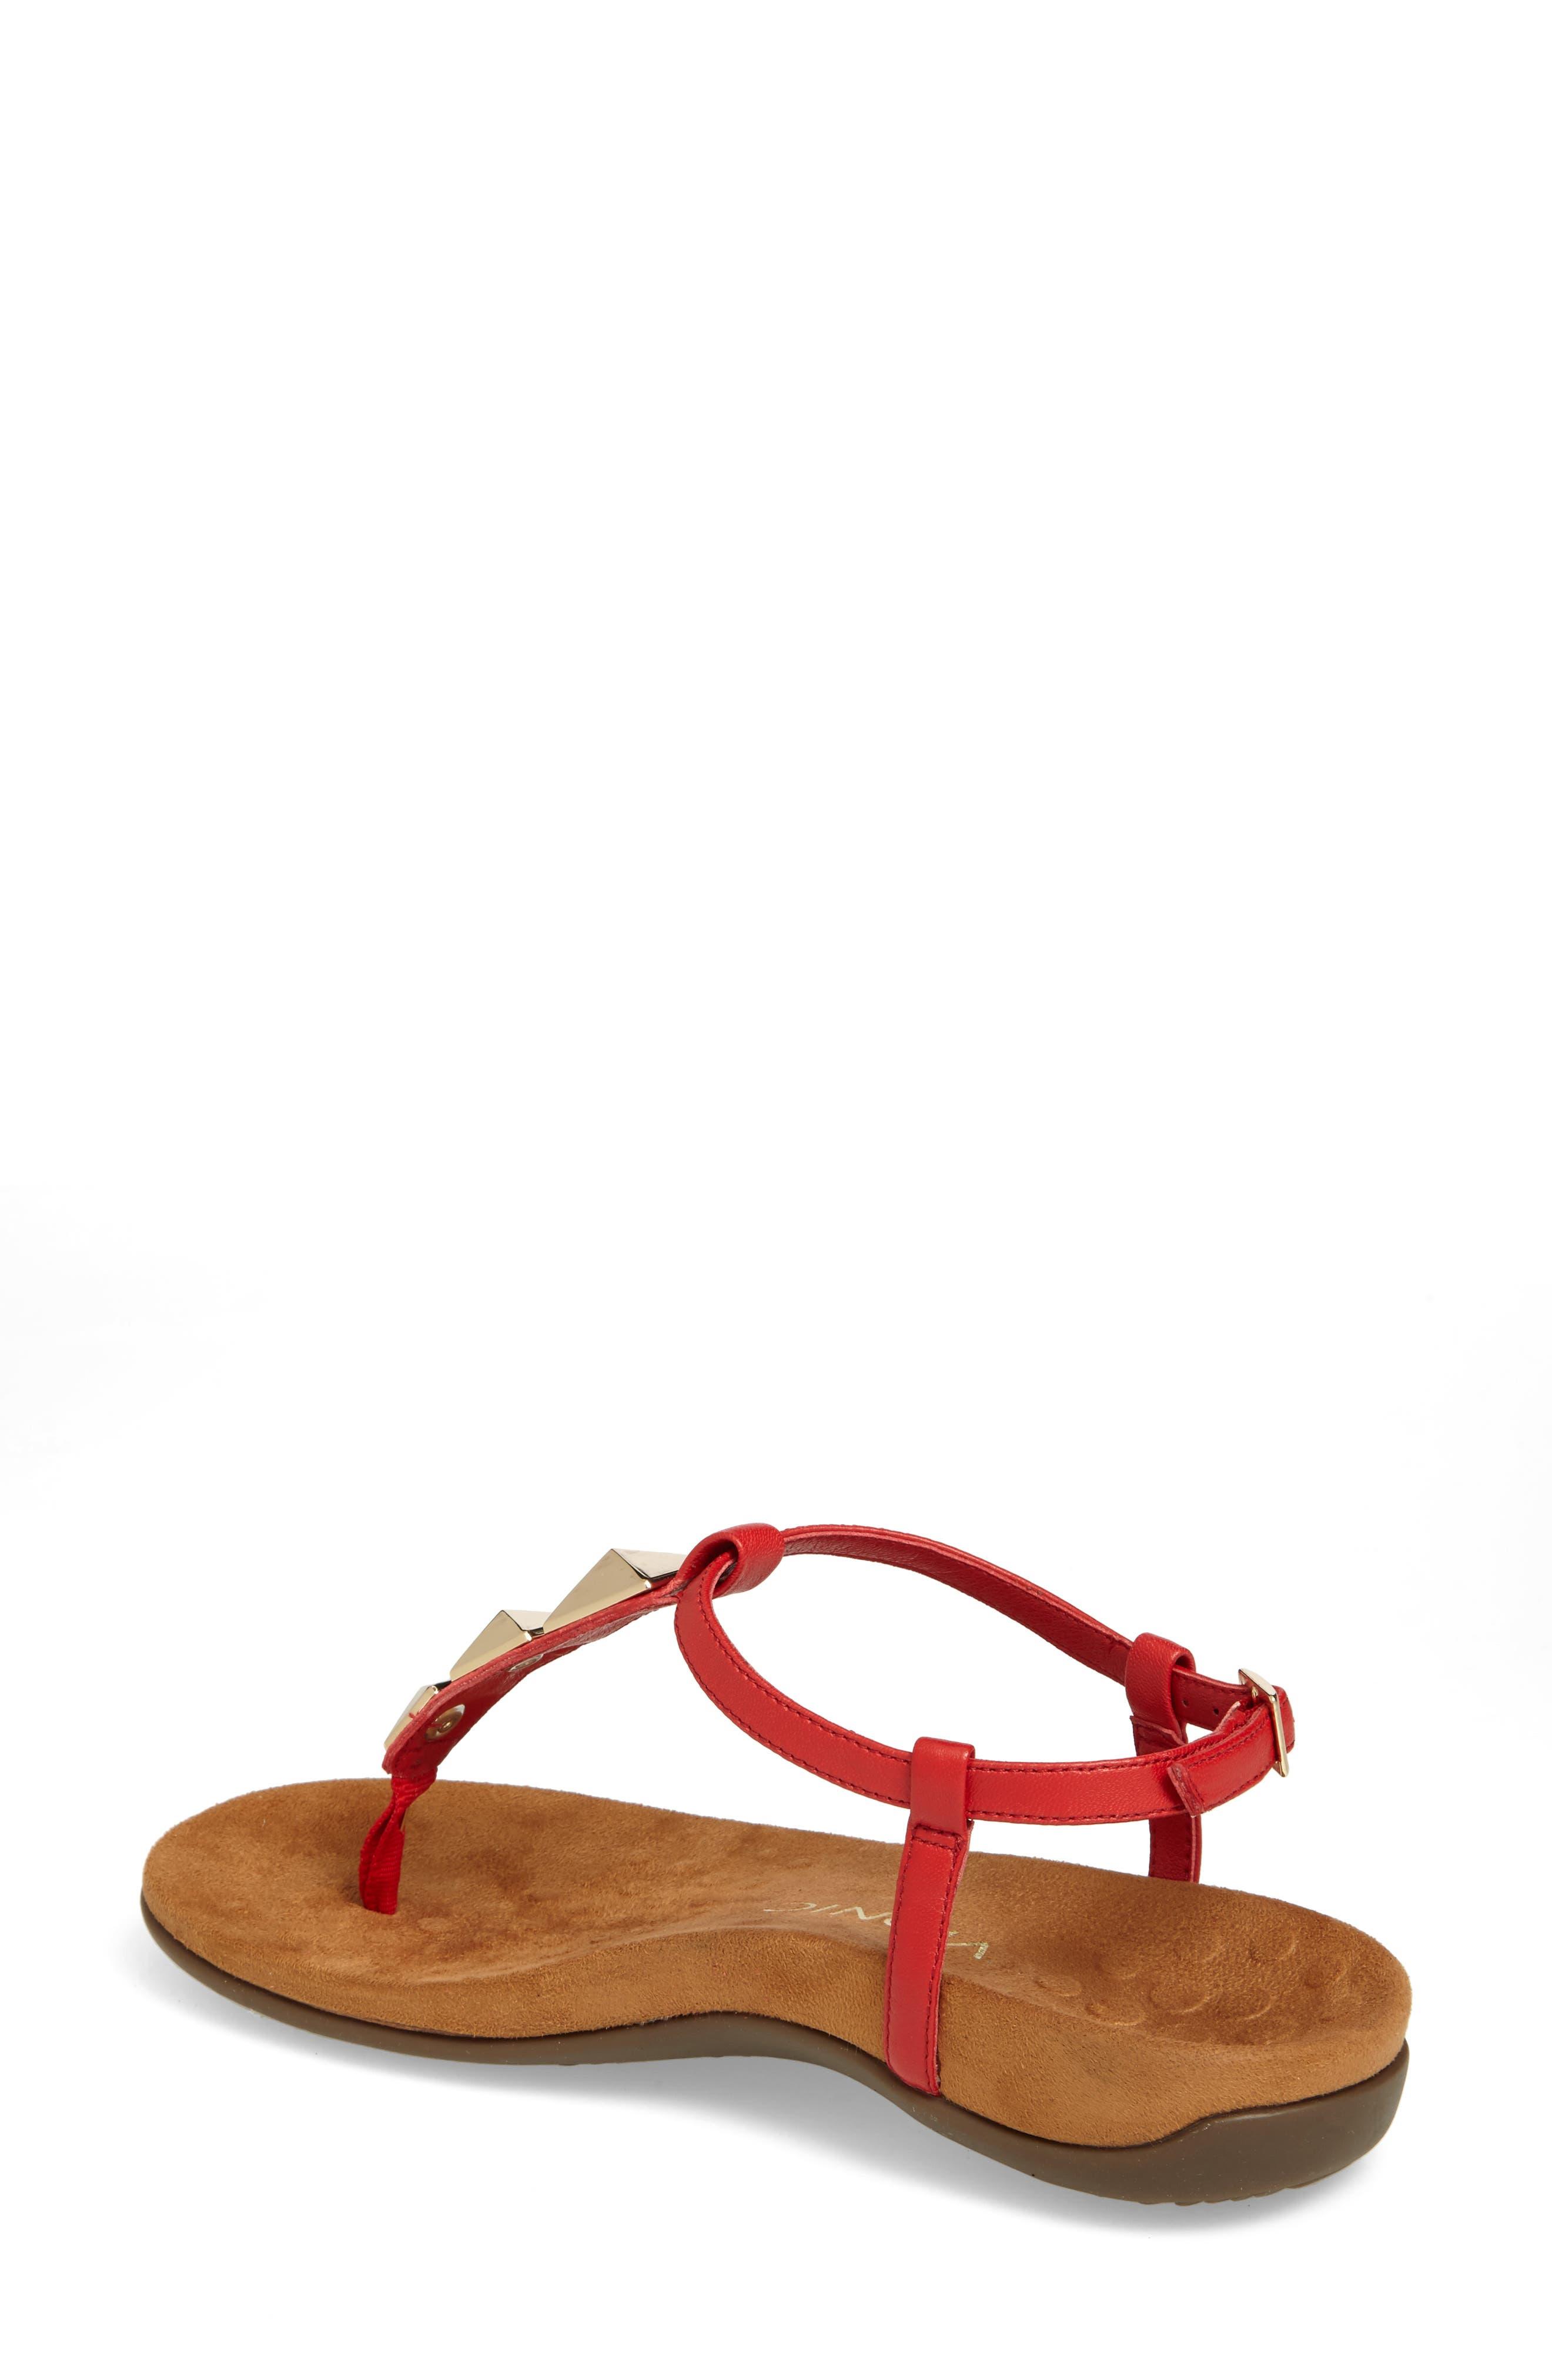 Nala T-Strap Sandal,                             Alternate thumbnail 10, color,